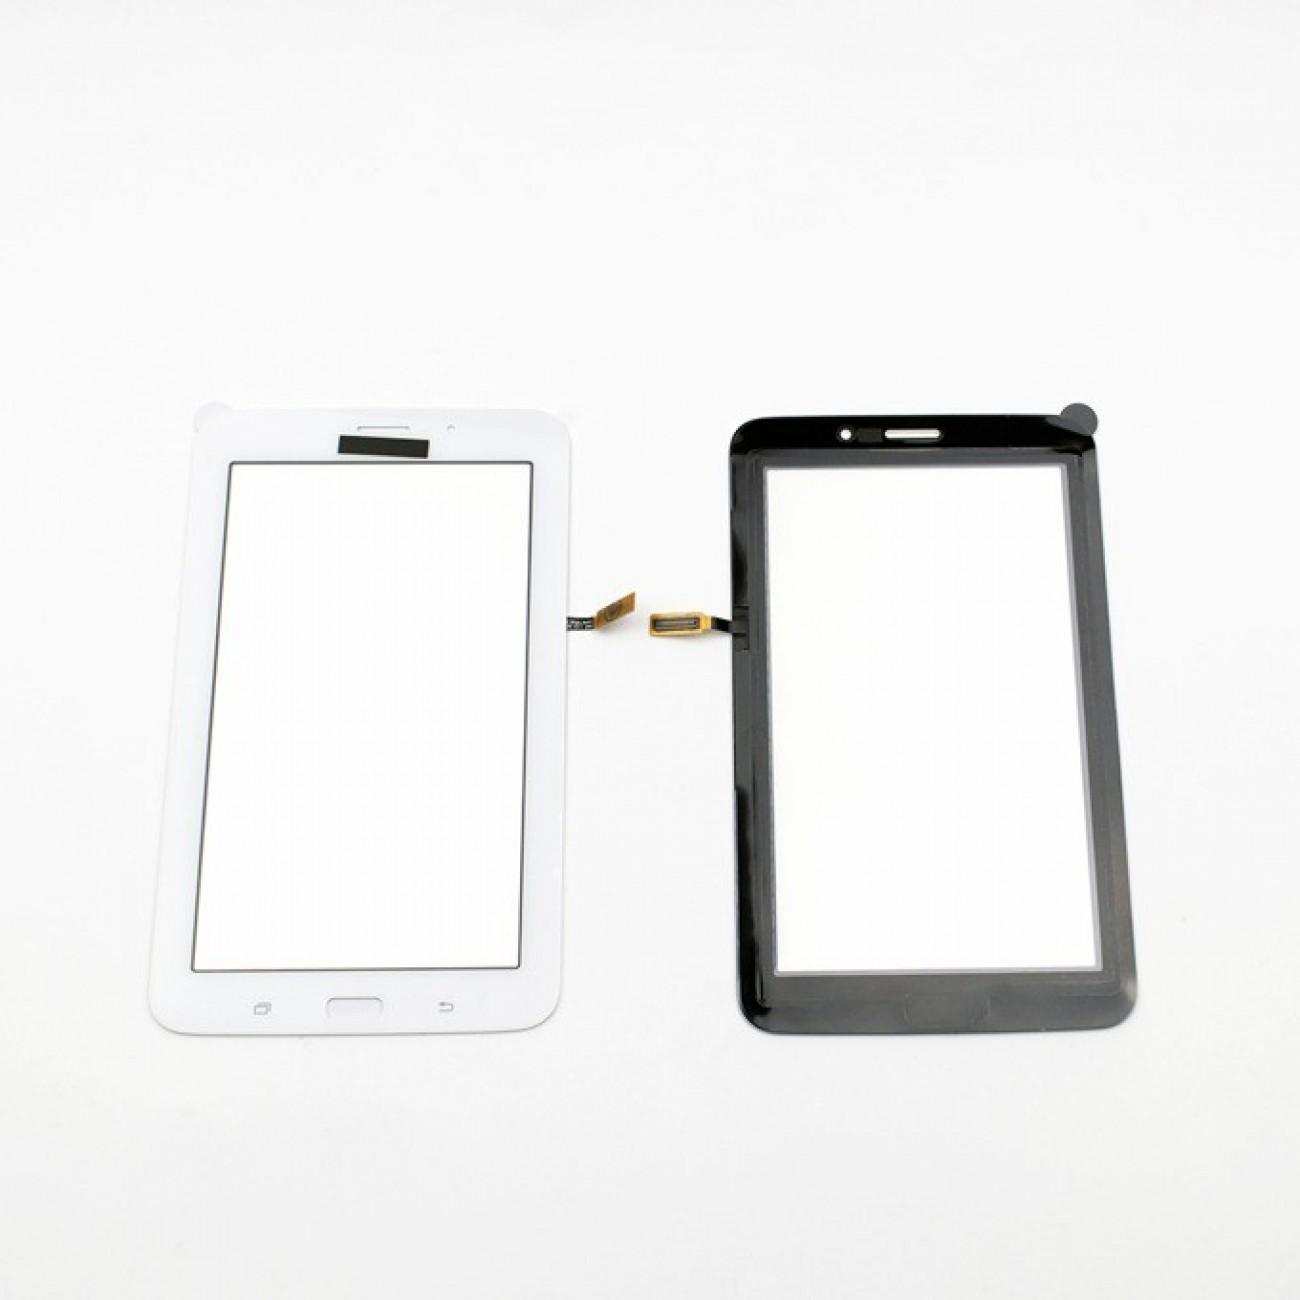 Тъч модул за Samsung Galaxy Tab T116, touch, бял в Резервни части -  | Alleop